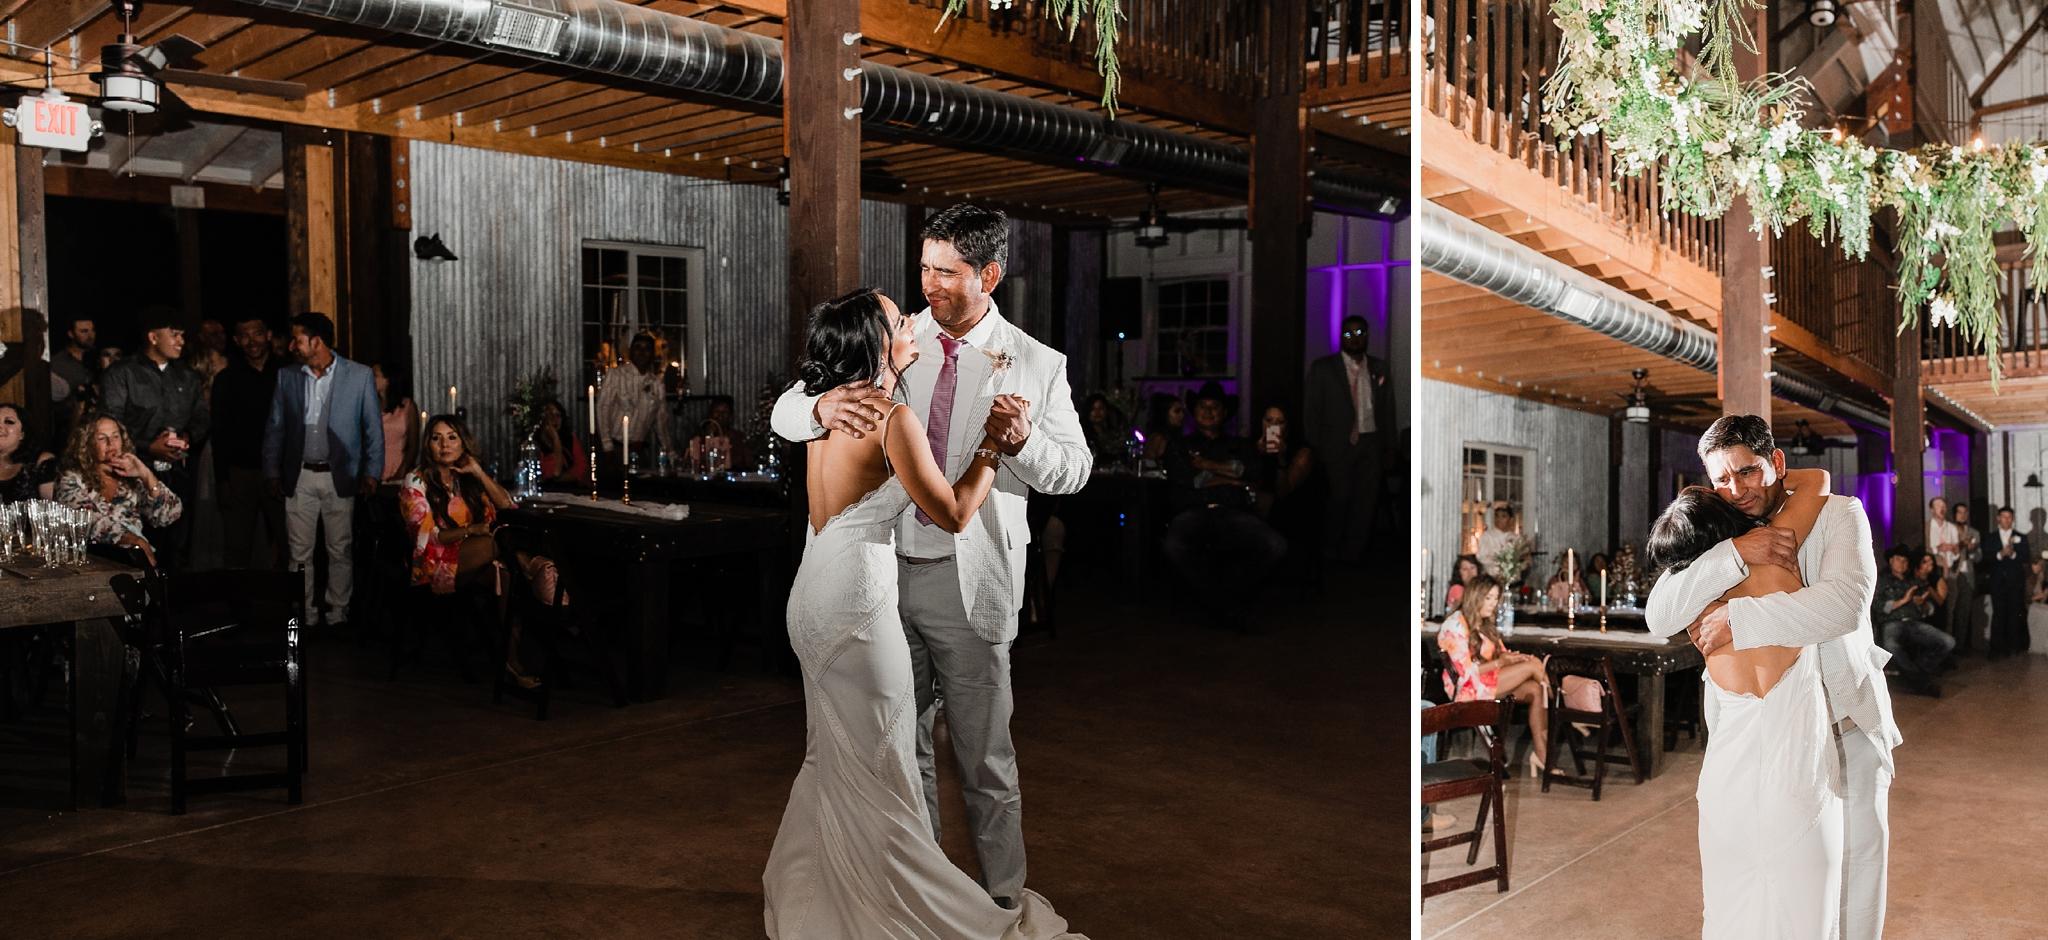 Alicia+lucia+photography+-+albuquerque+wedding+photographer+-+santa+fe+wedding+photography+-+new+mexico+wedding+photographer+-+new+mexico+wedding+-+new+mexico+wedding+-+barn+wedding+-+enchanted+vine+barn+wedding+-+ruidoso+wedding_0165.jpg